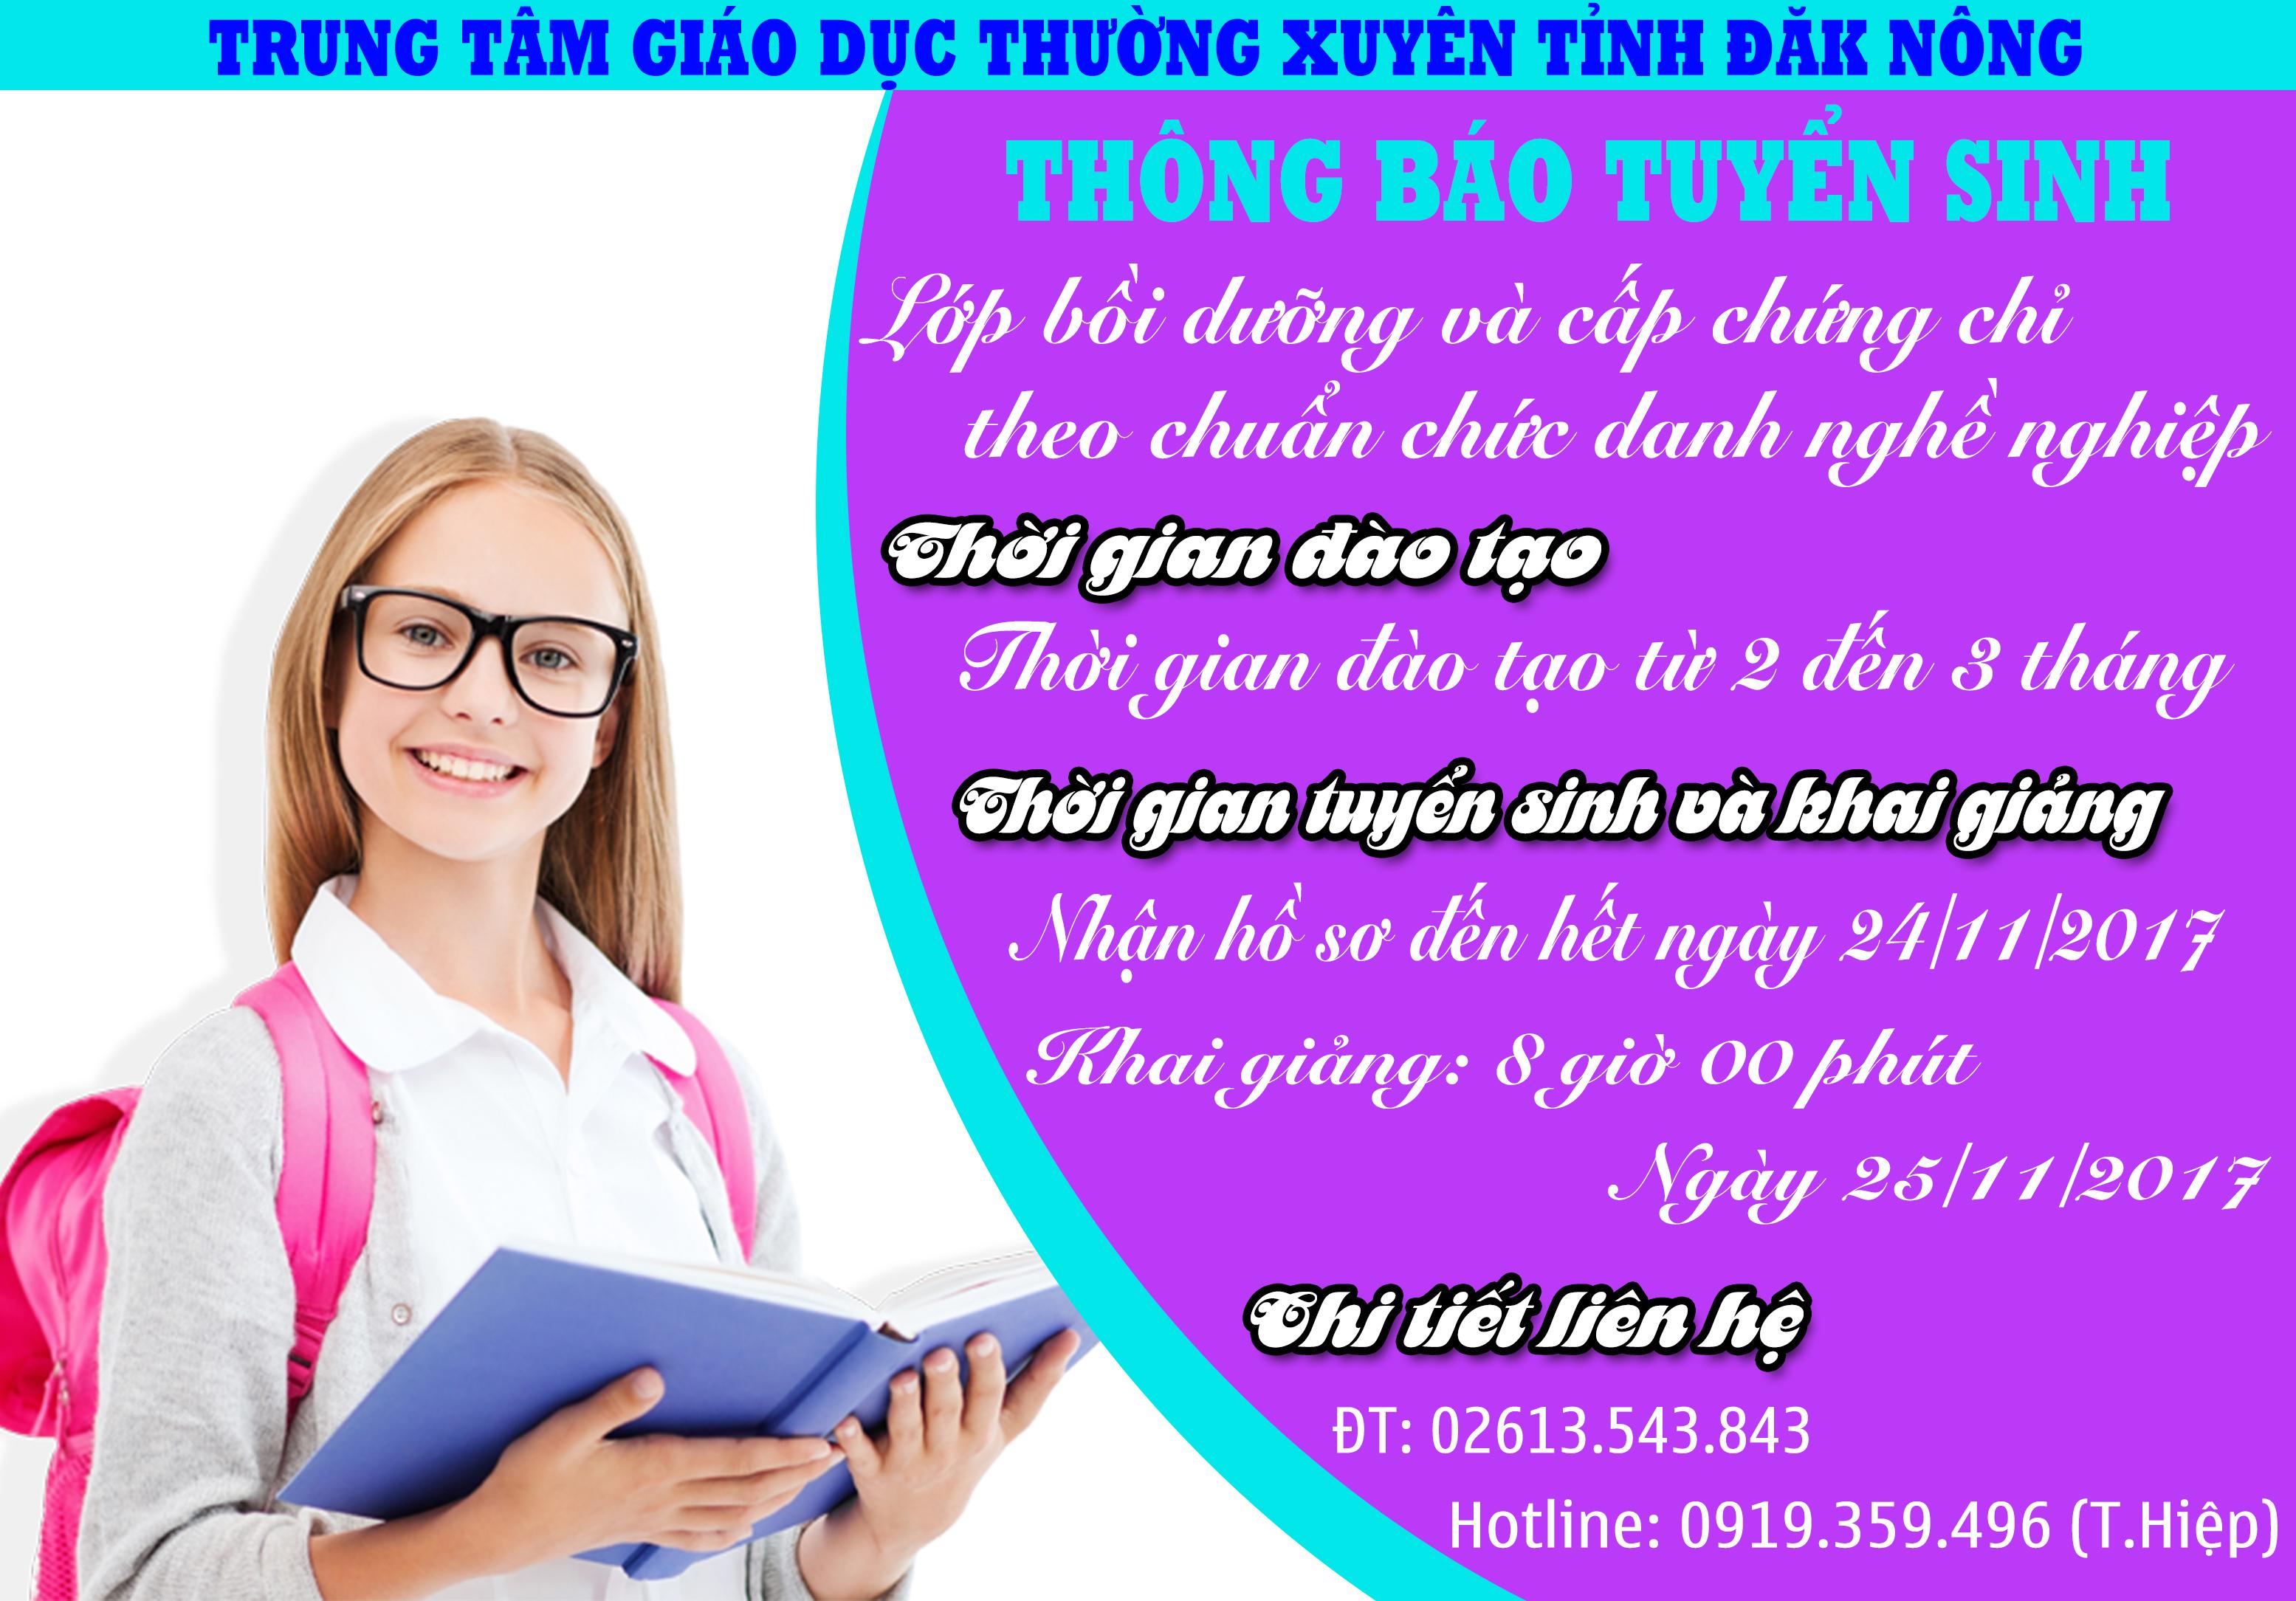 Thang hang GV1